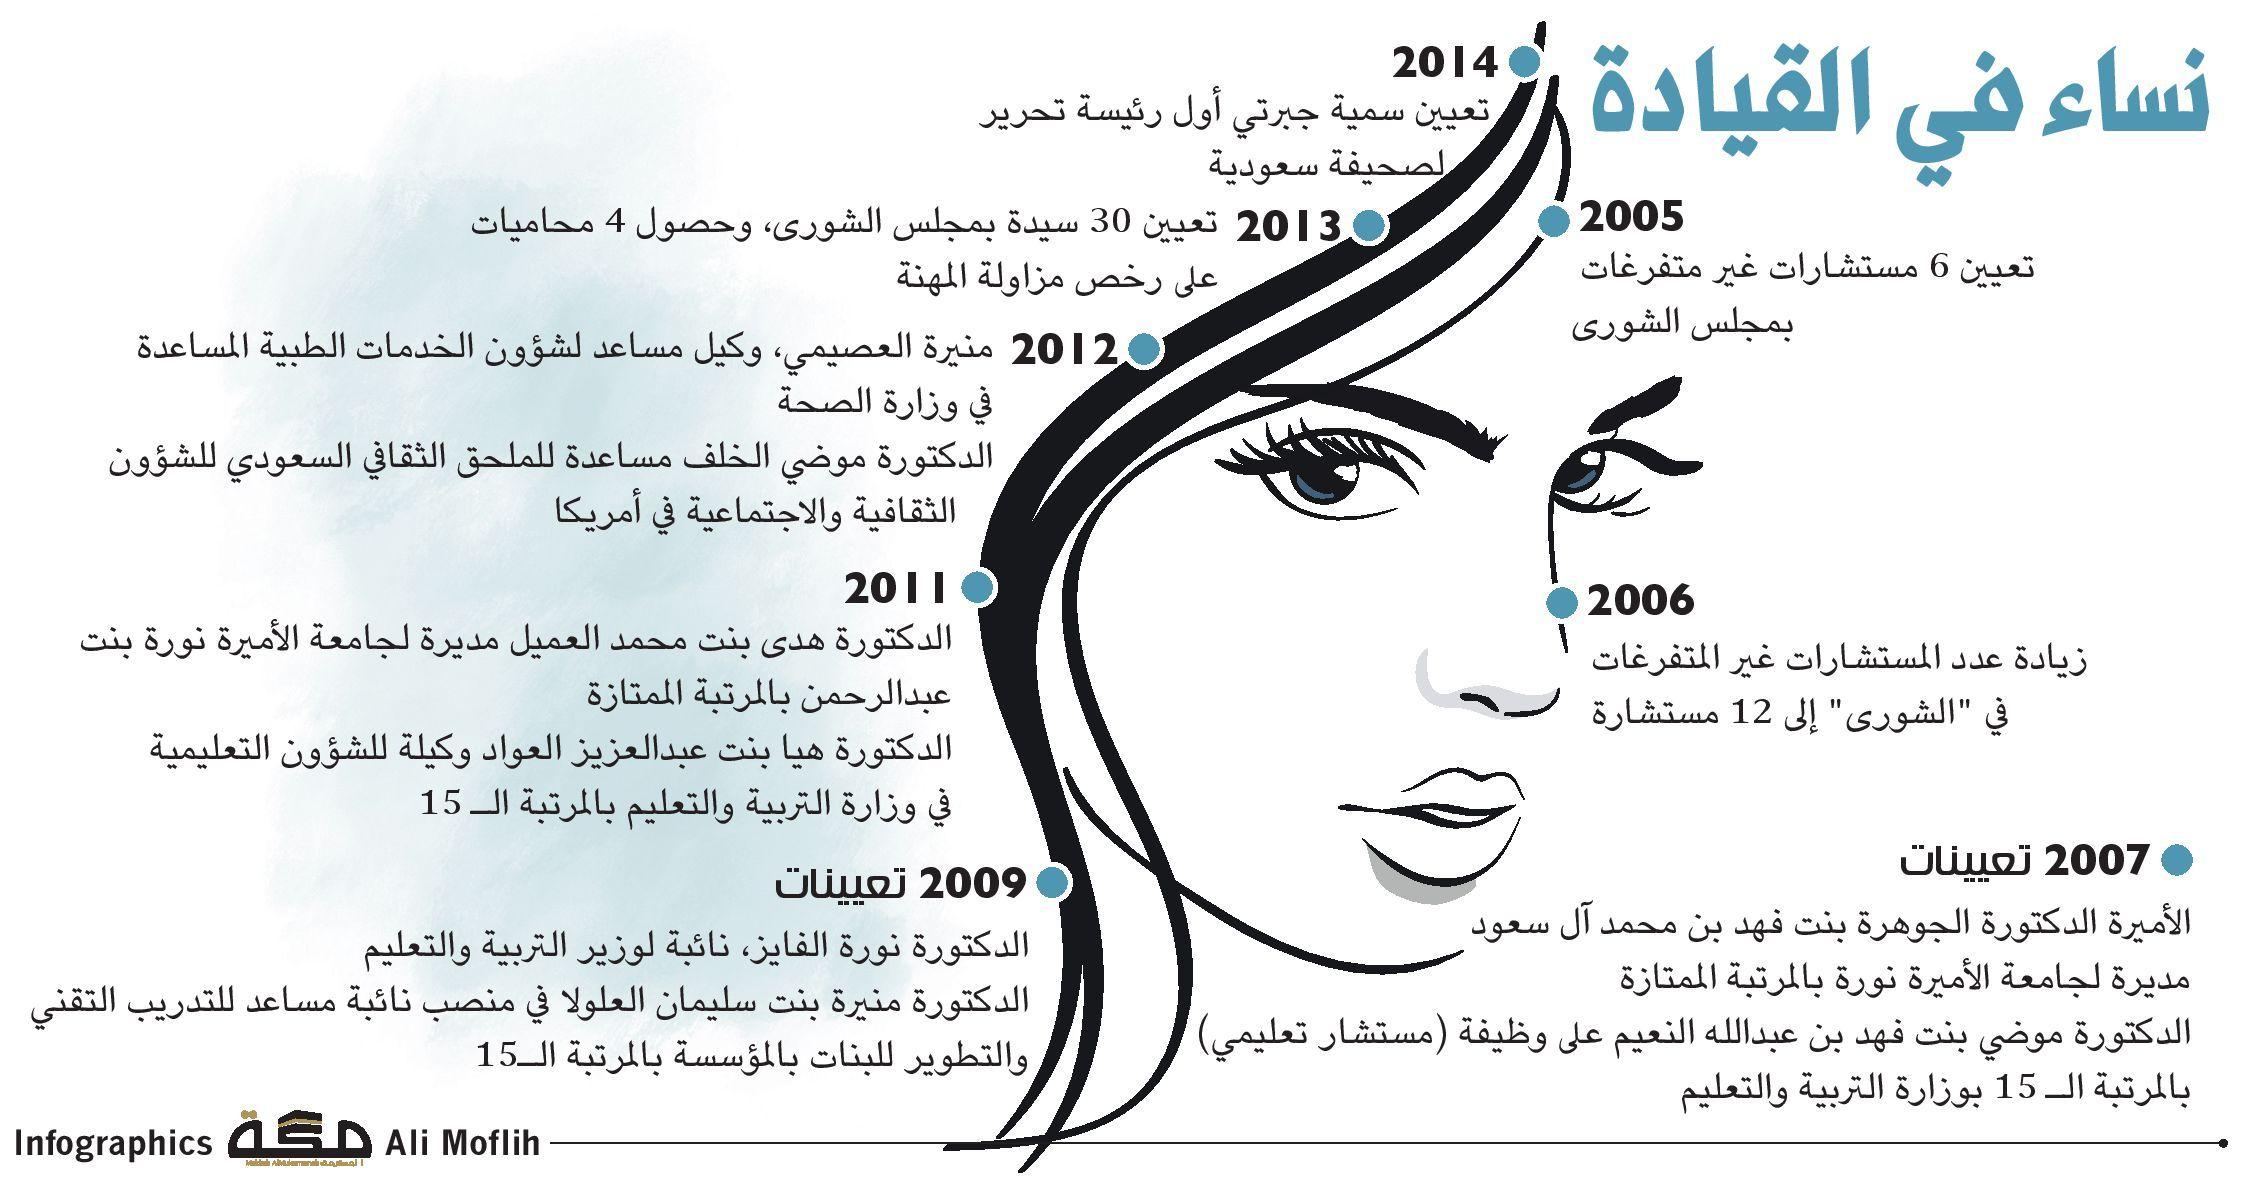 نساء في القيادة صحيفة مكة انفوجرافيك مجتمع Rectangle Glass Infographic Makkah